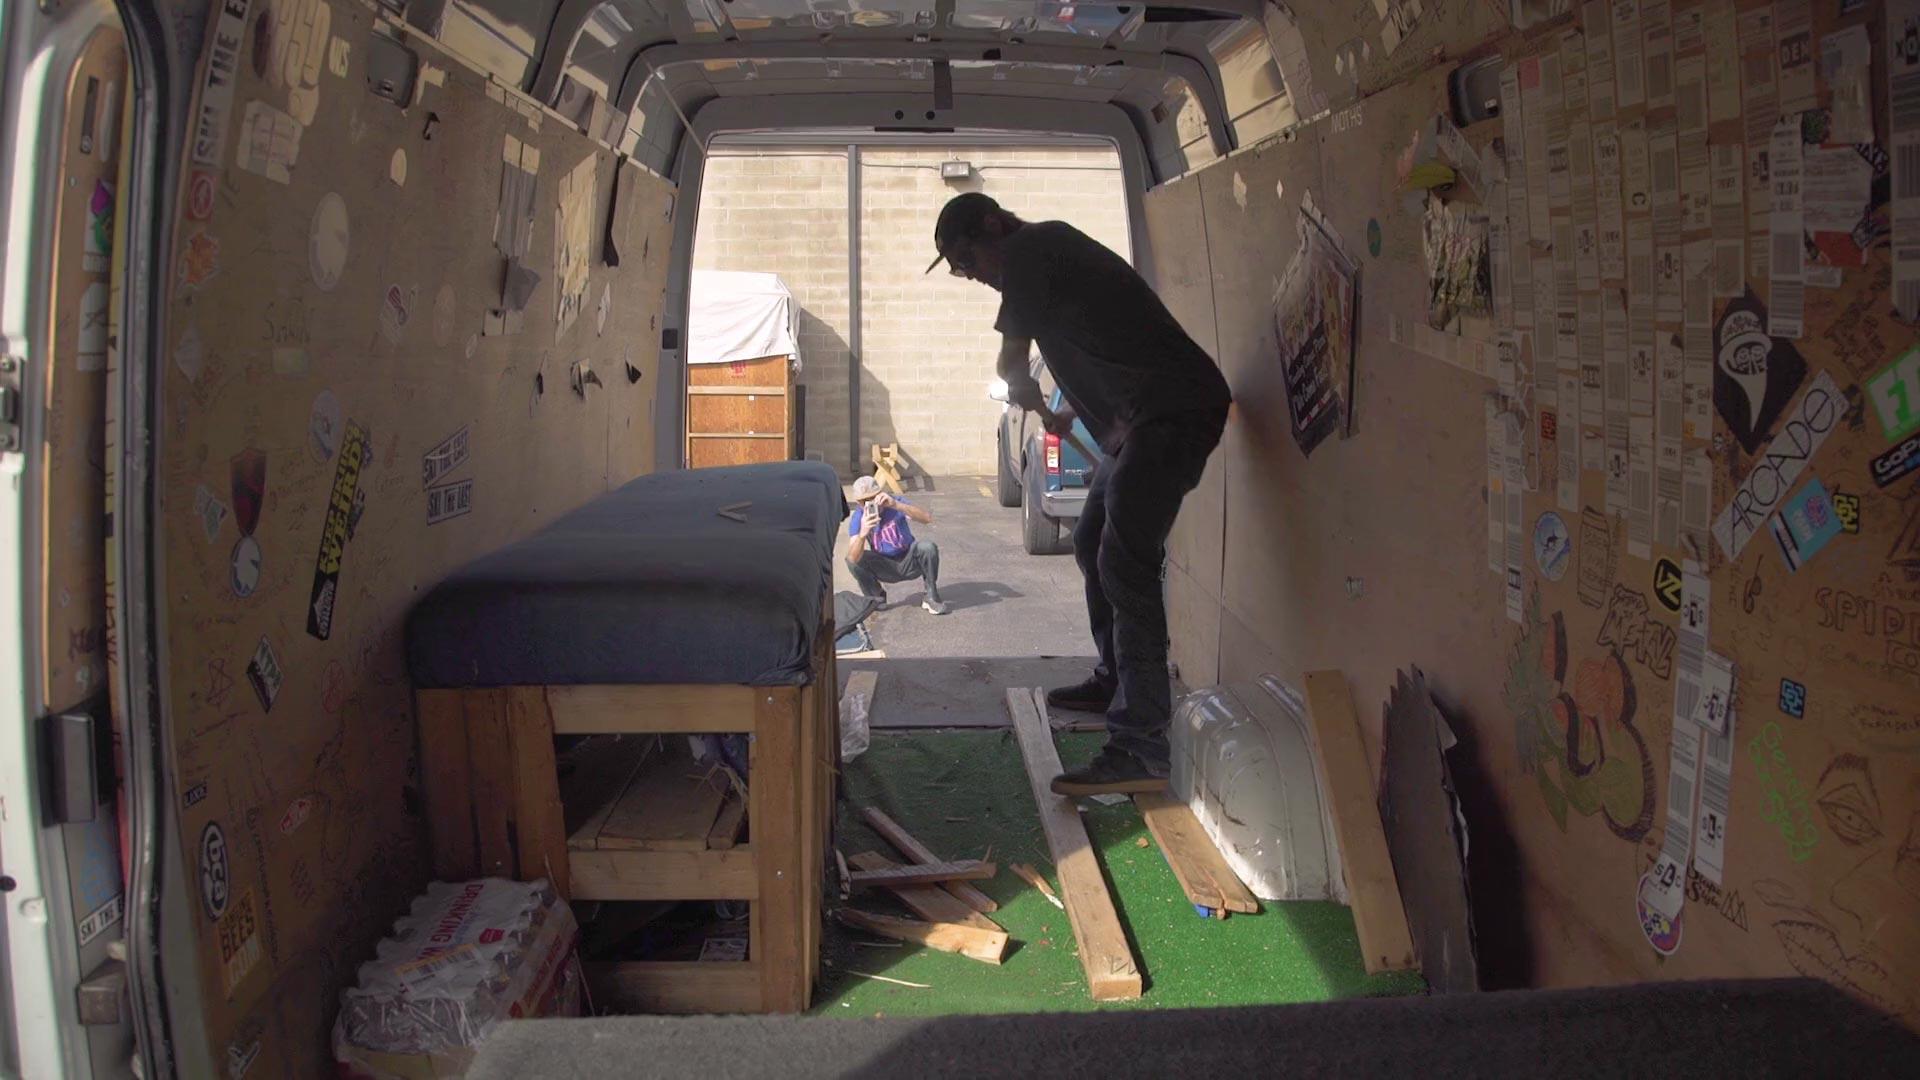 Will zerlegt die Inneneinrichtung. im Van, damit Platz für Obstacles vorhanden ist!